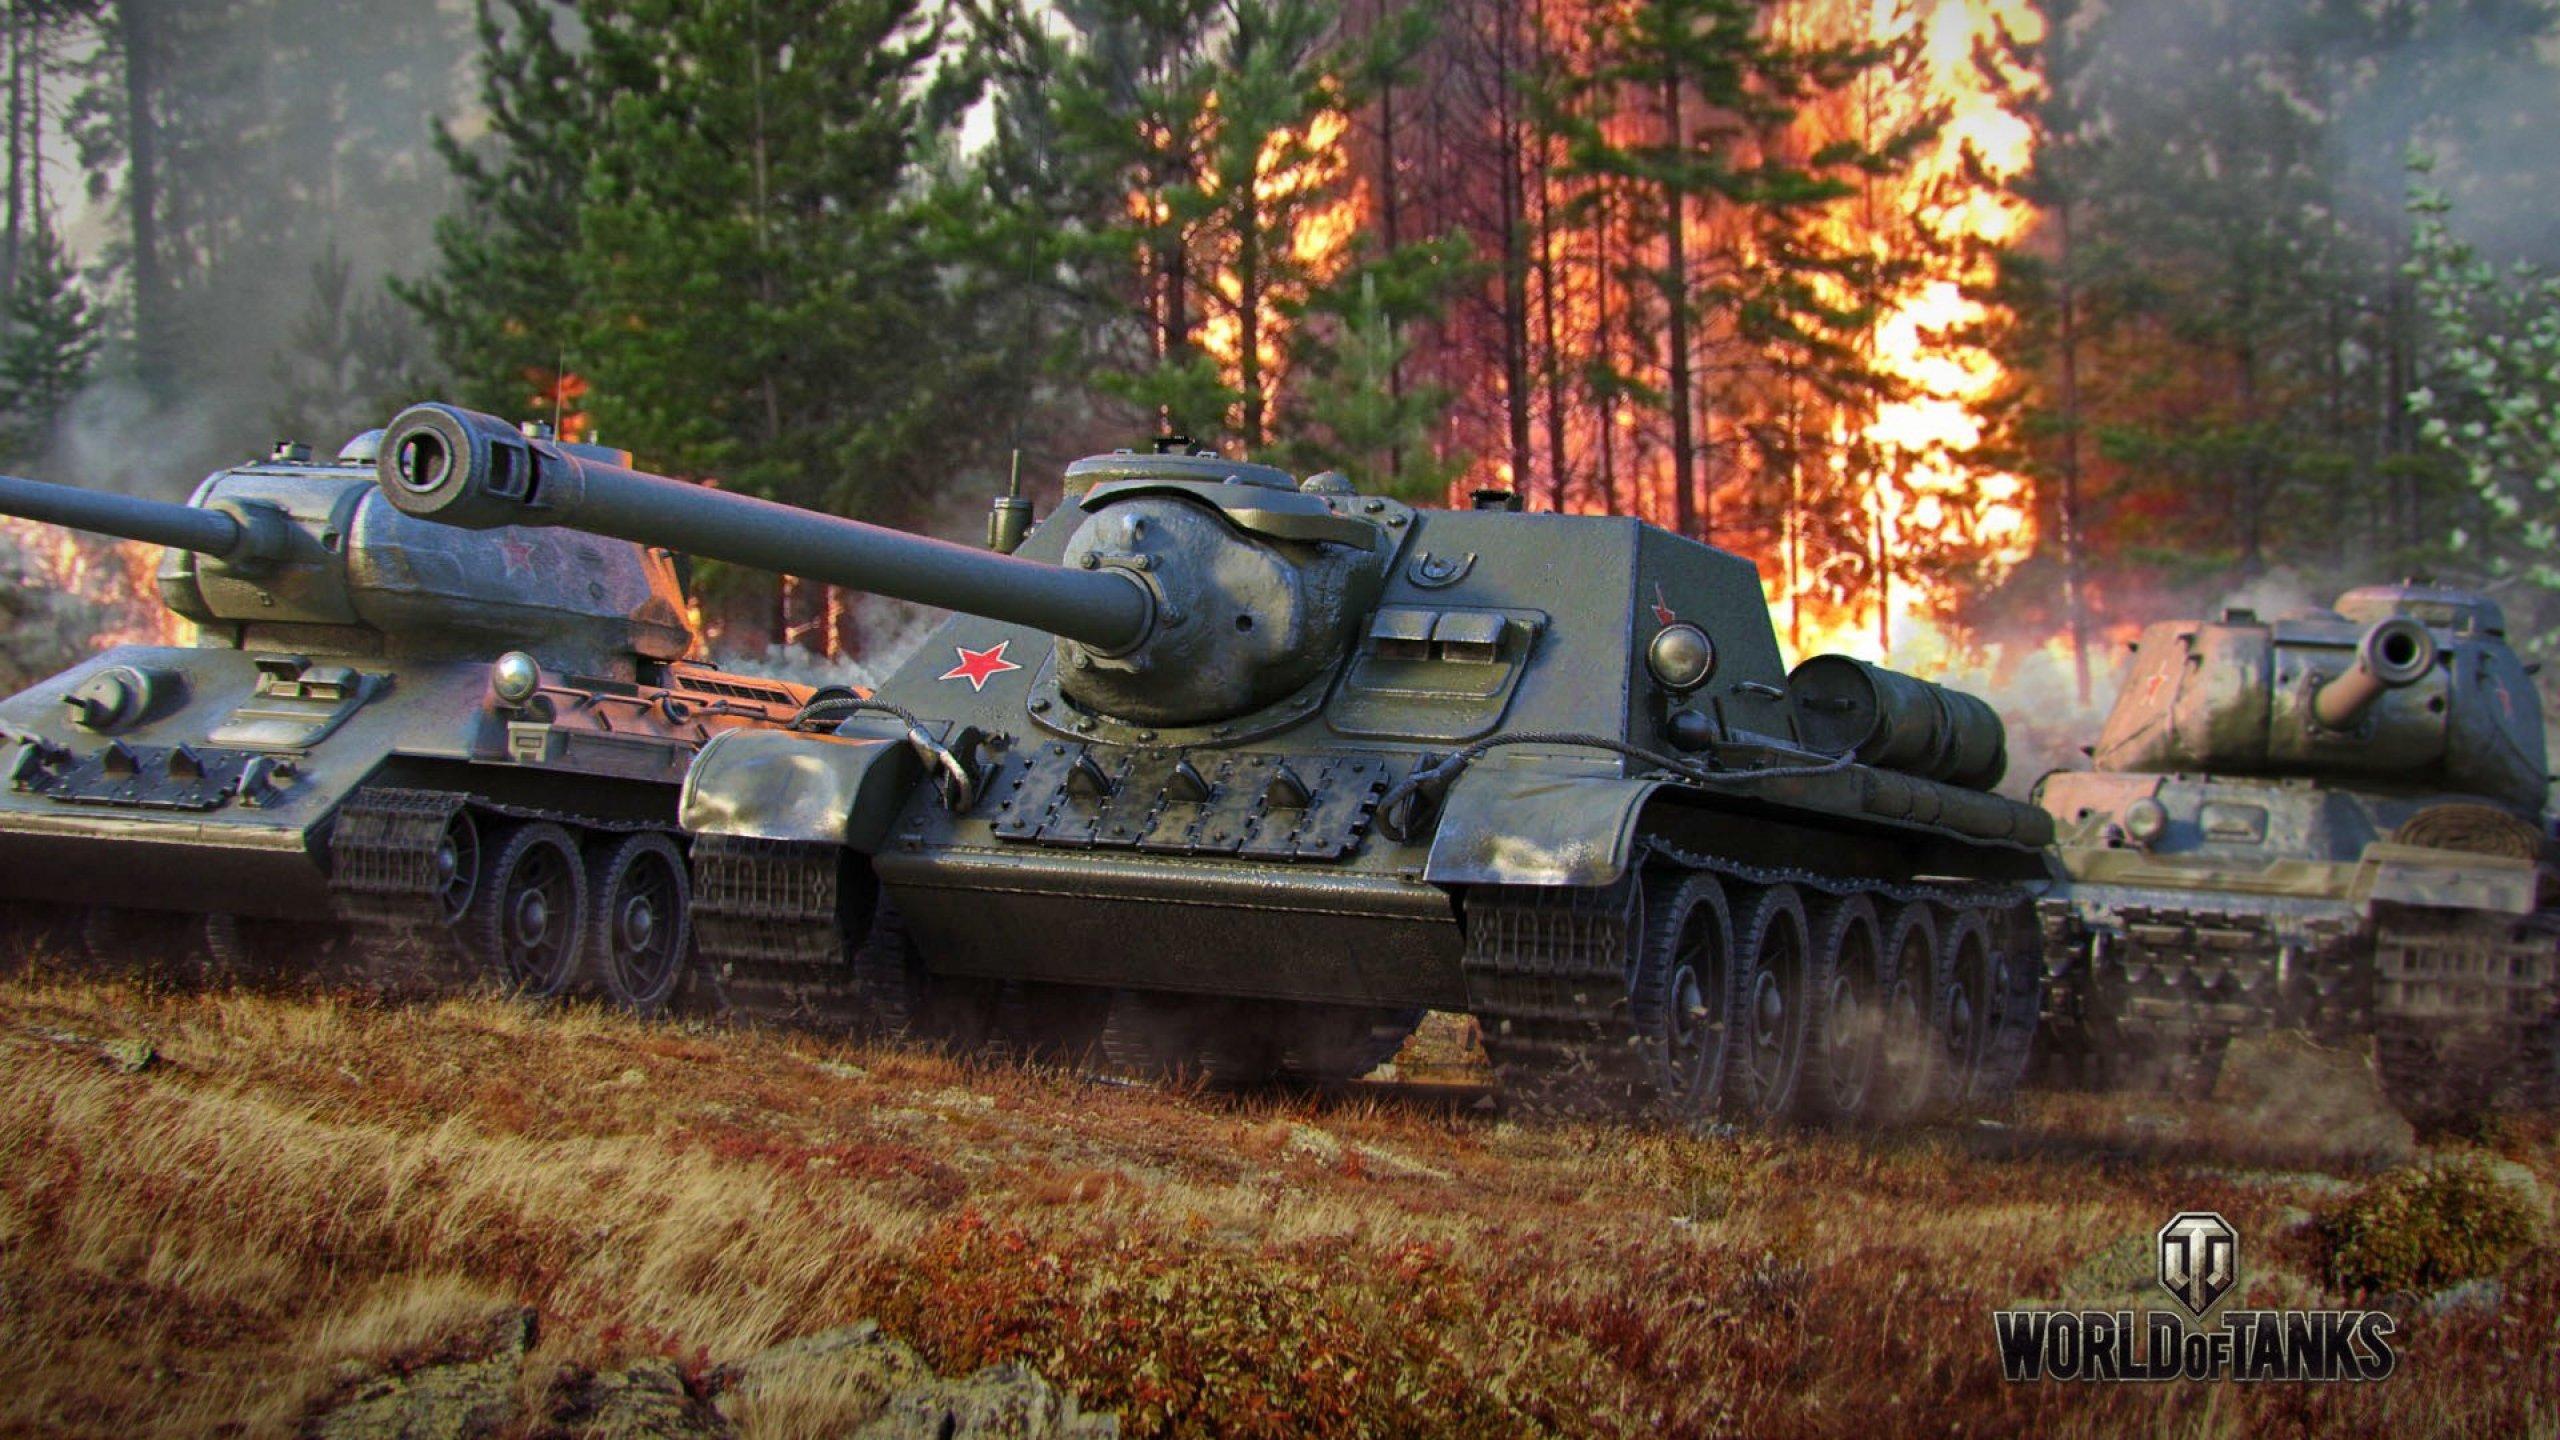 Обновление 2.7: «Дороги войны» для World of Tanks на консолях. - Изображение 21